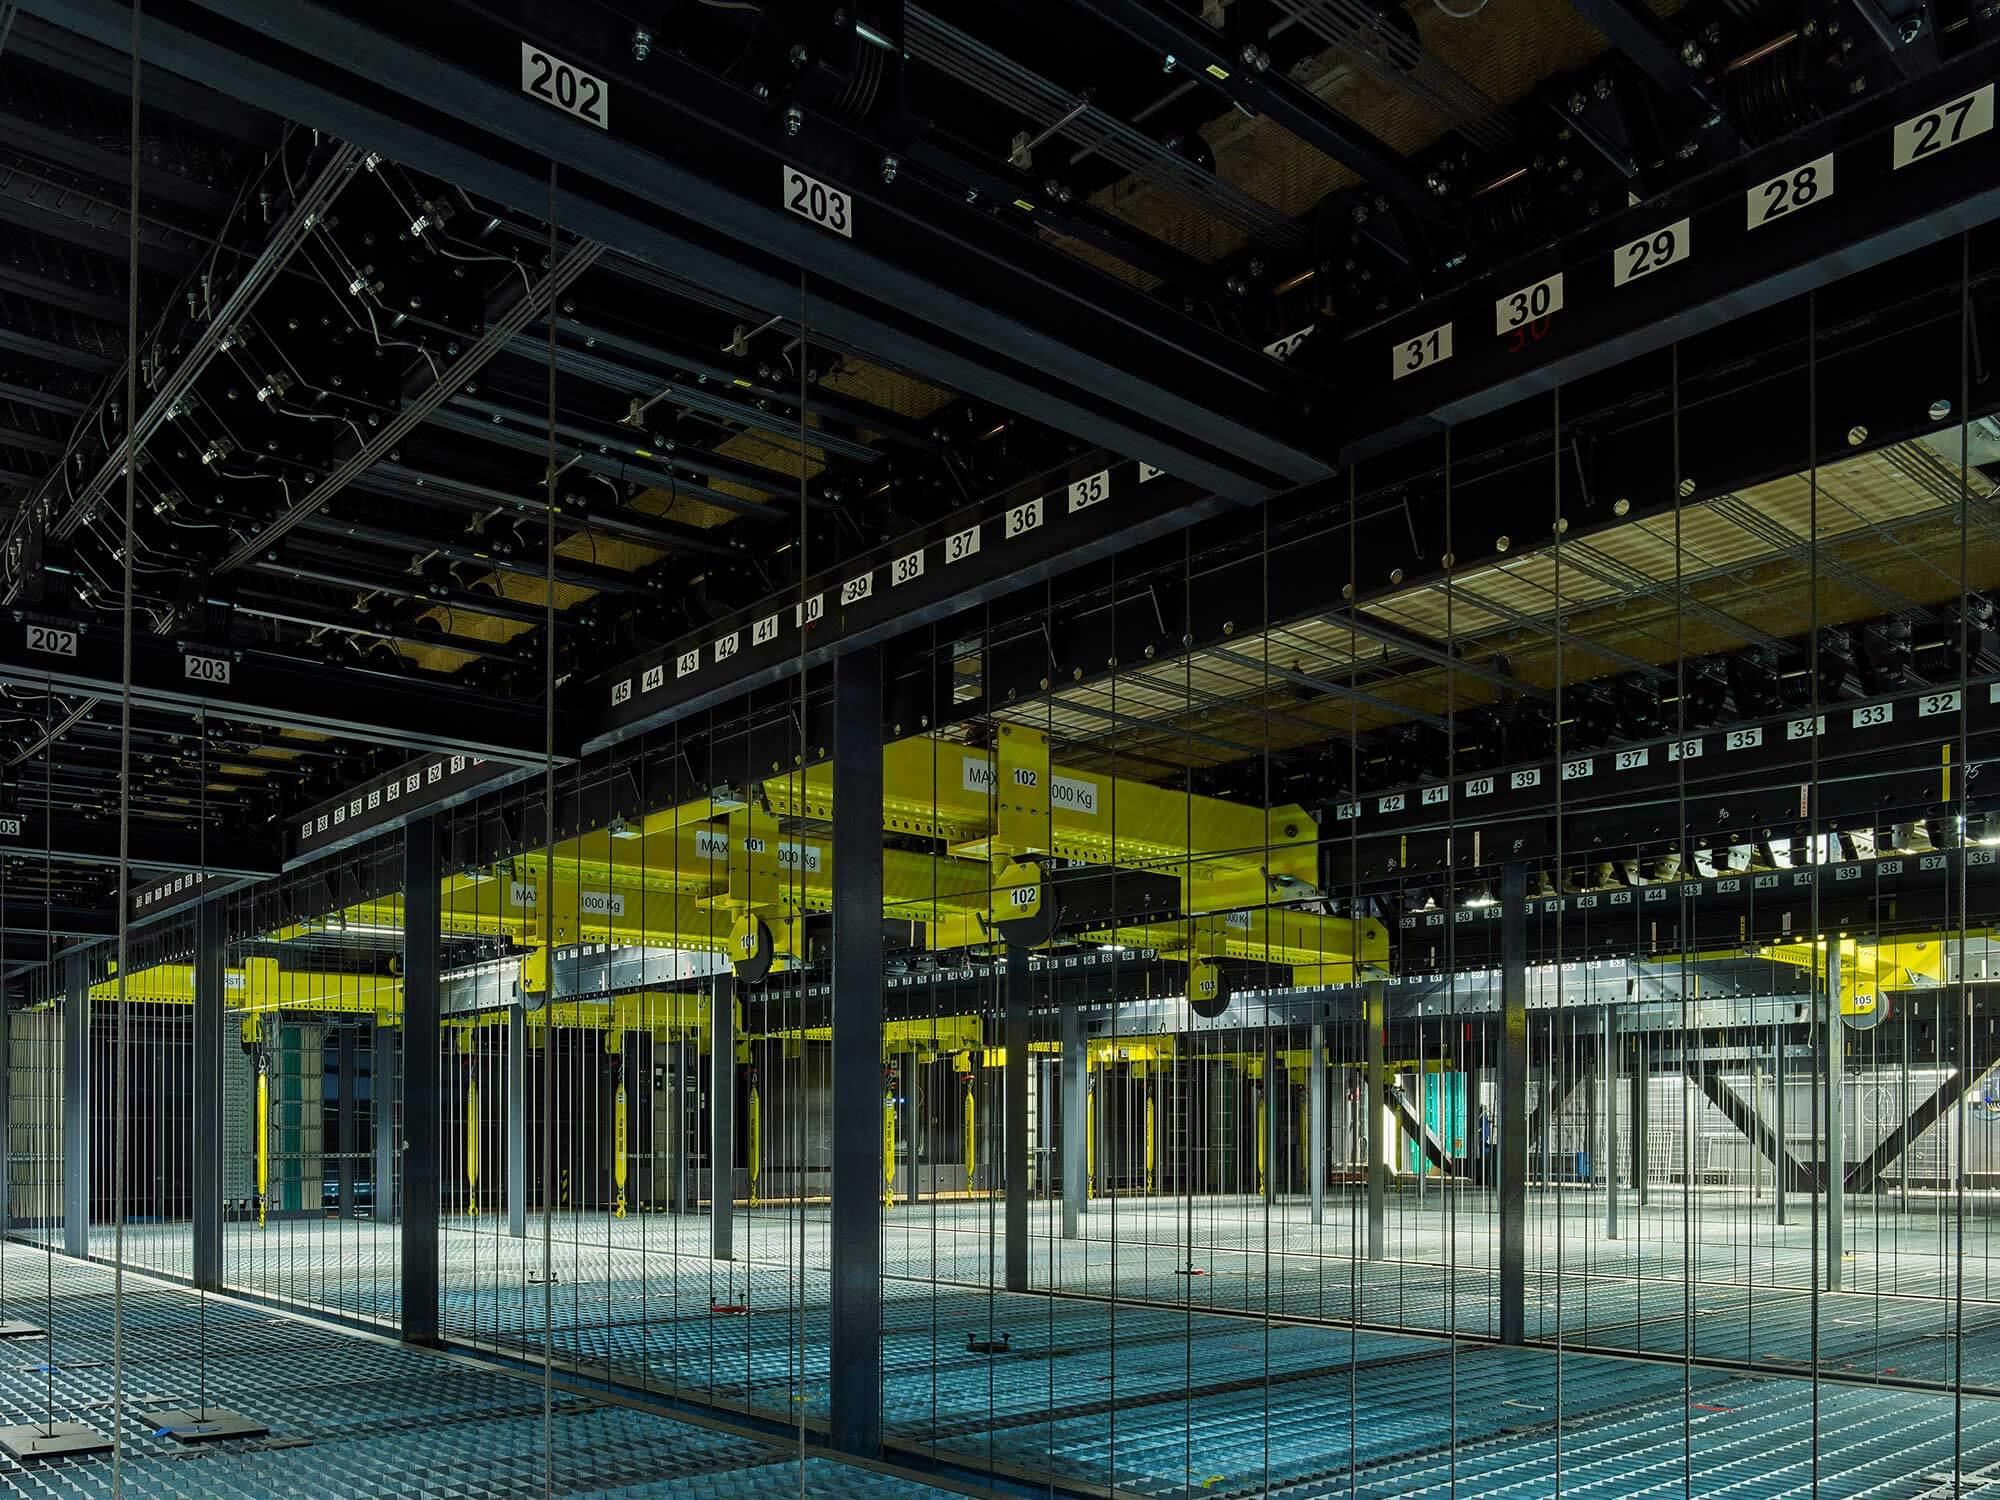 Die Marke ALPA ist mitunter in der Architekturfotografie zu Hause: Einblicke in die Oper in Kopenhagen. Credit: Alexander Schippel